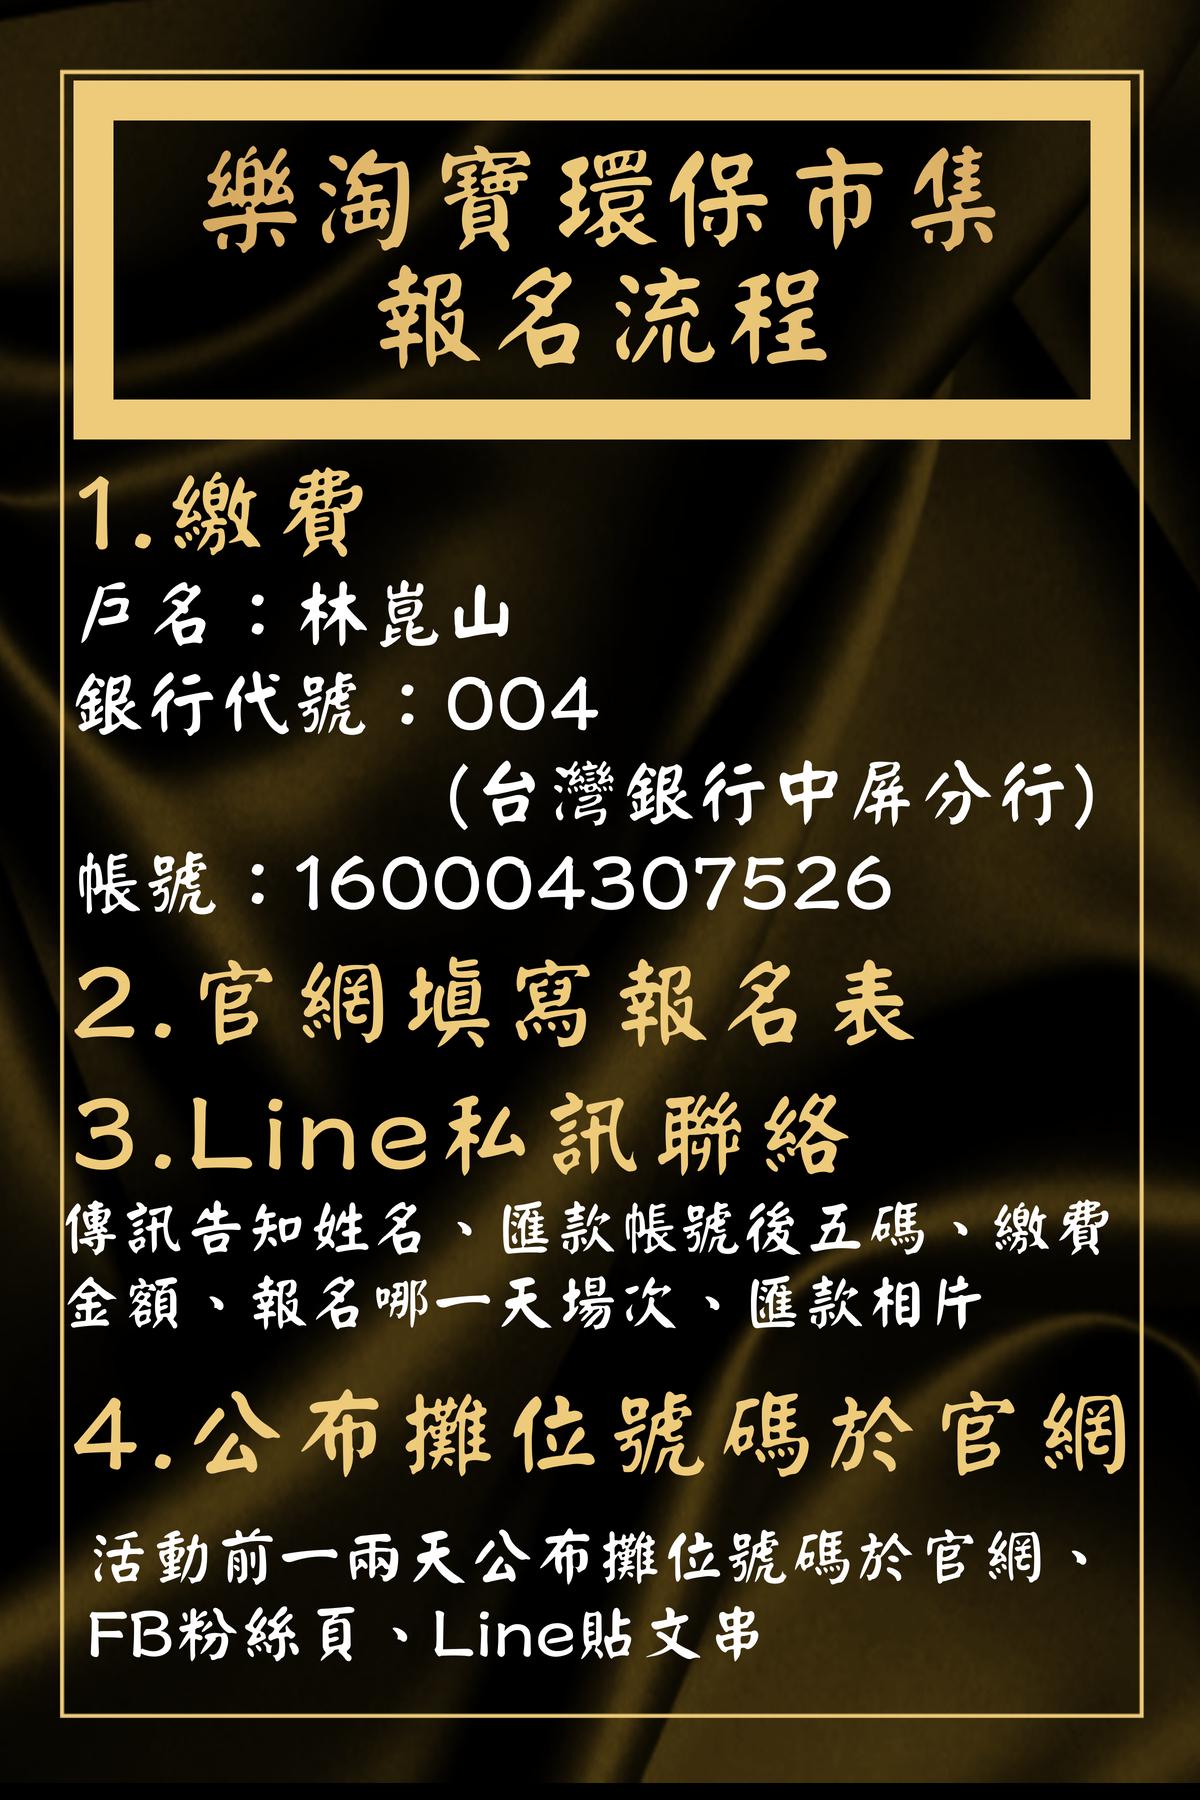 樂淘寶環保市集報名流程:1.繳費;2.寫報名表;3.Line聯絡;4.公布攤位號碼於官網